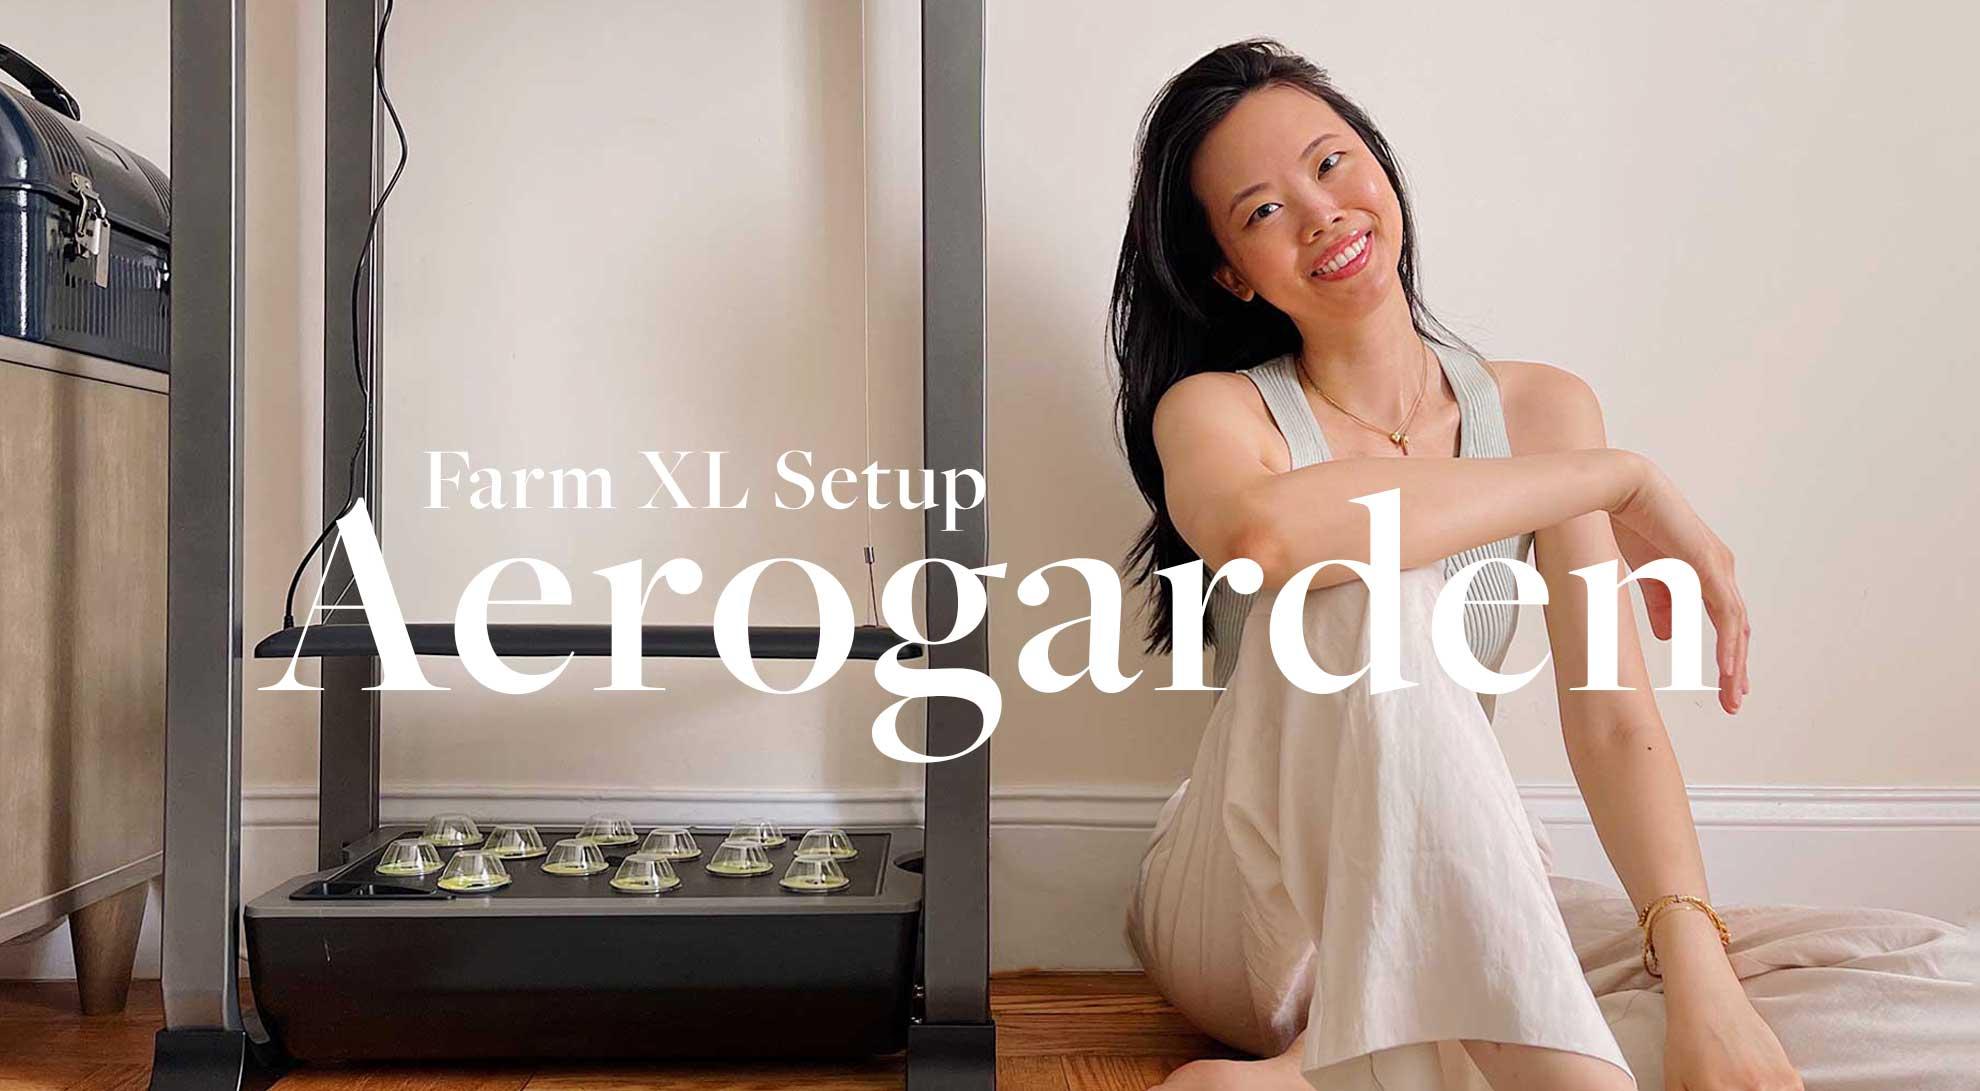 aerogarden-farm-12-xl-setup-with-tomatoes-+-review